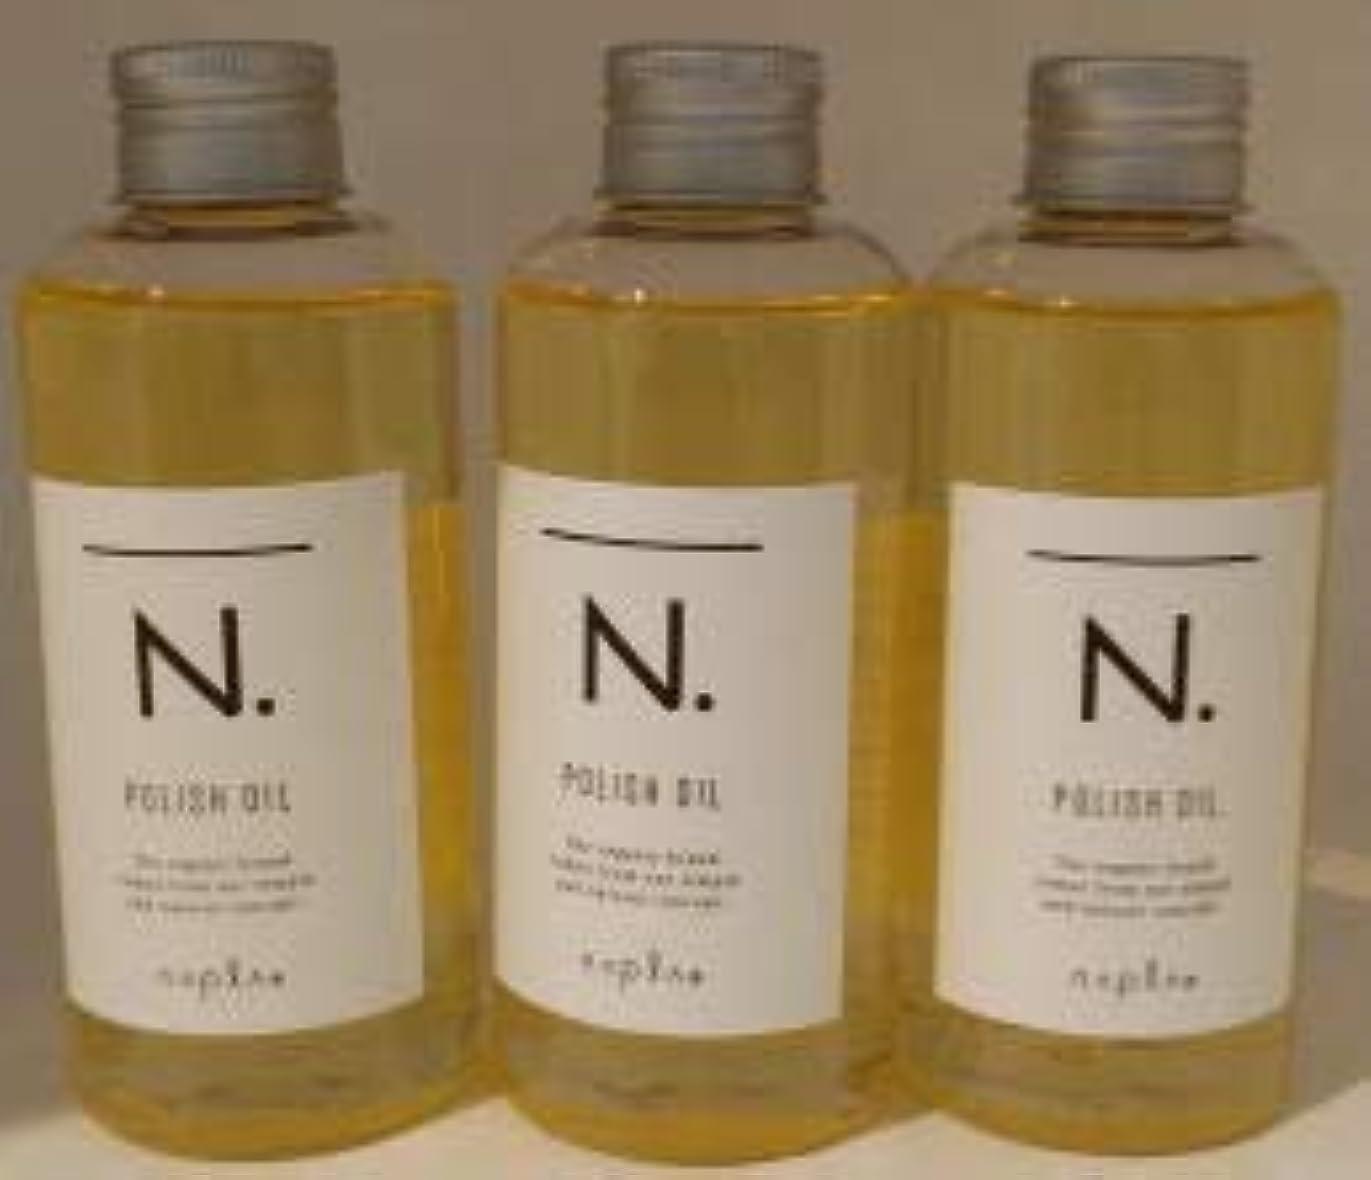 カッターお風呂を持っている以降ナプラ N. ポリッシュオイル 150ml 3本 エヌドット